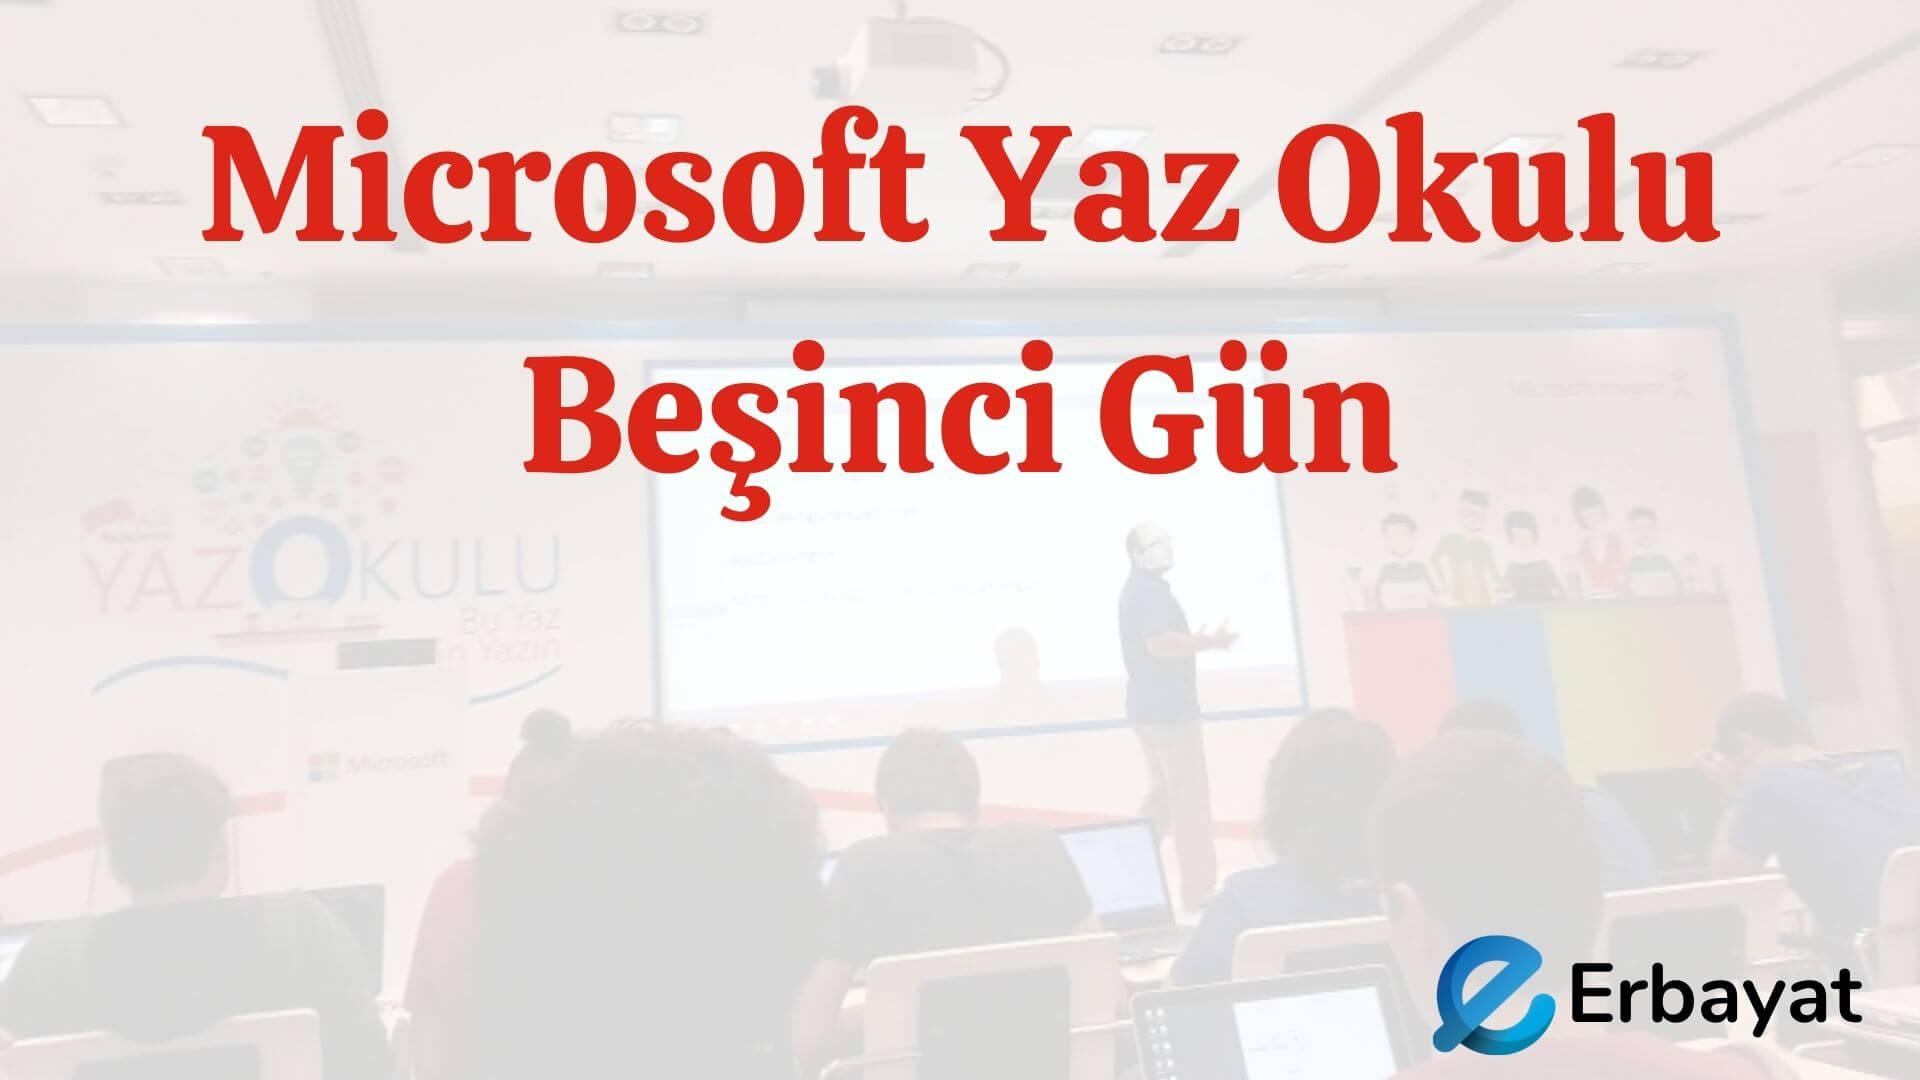 Microsoft Yaz Okulu Beşinci Gün